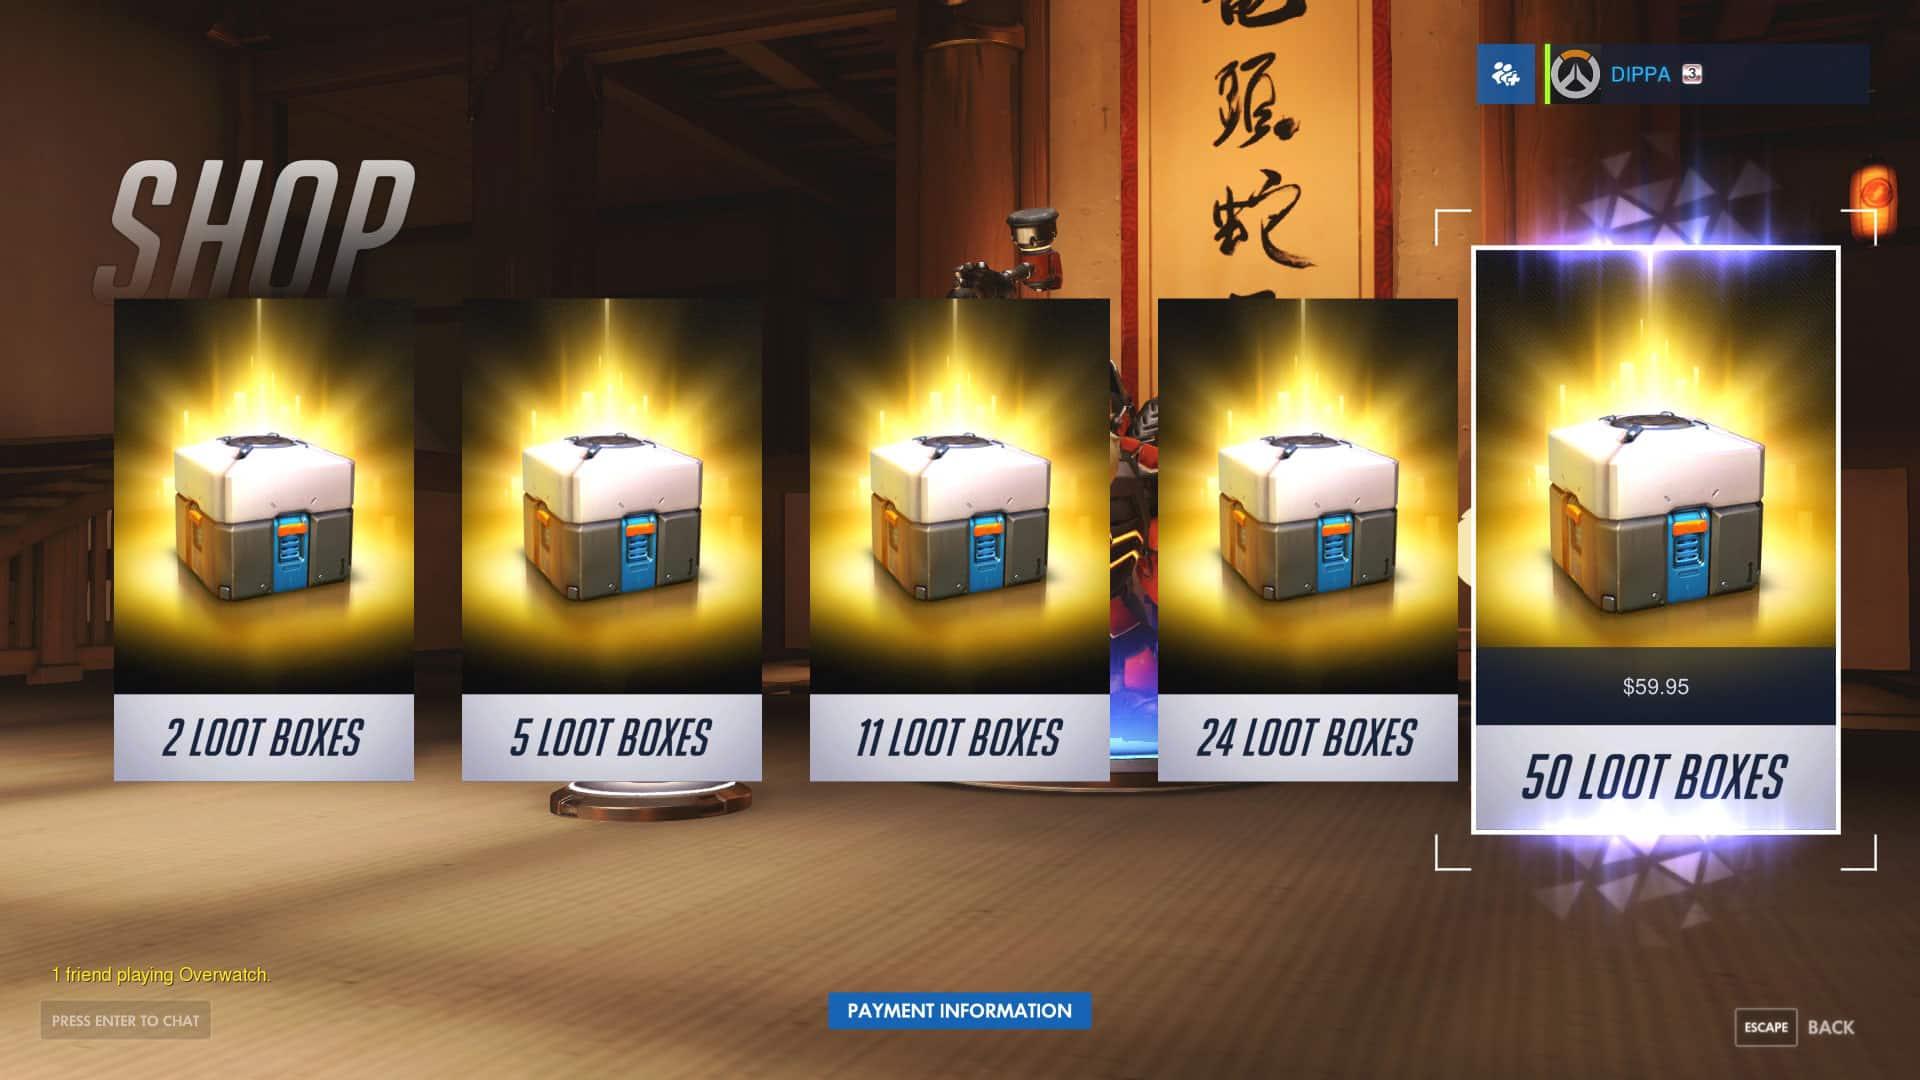 Lootbox e gioco d'azzardo – Il gioco nel gaming moderno